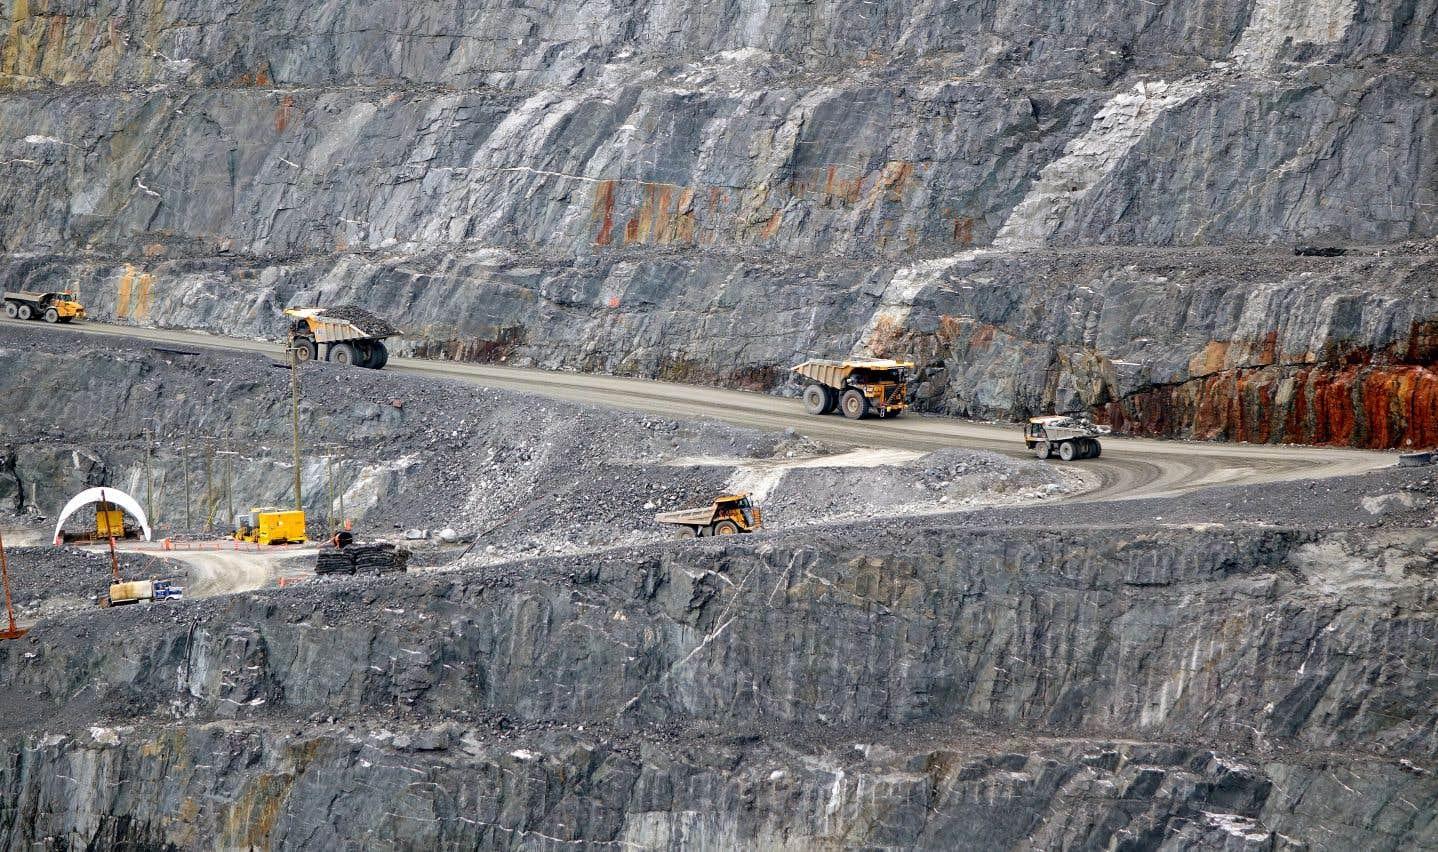 L'exploitation de la mine a entraîné des problèmes sociaux importants à Malartic